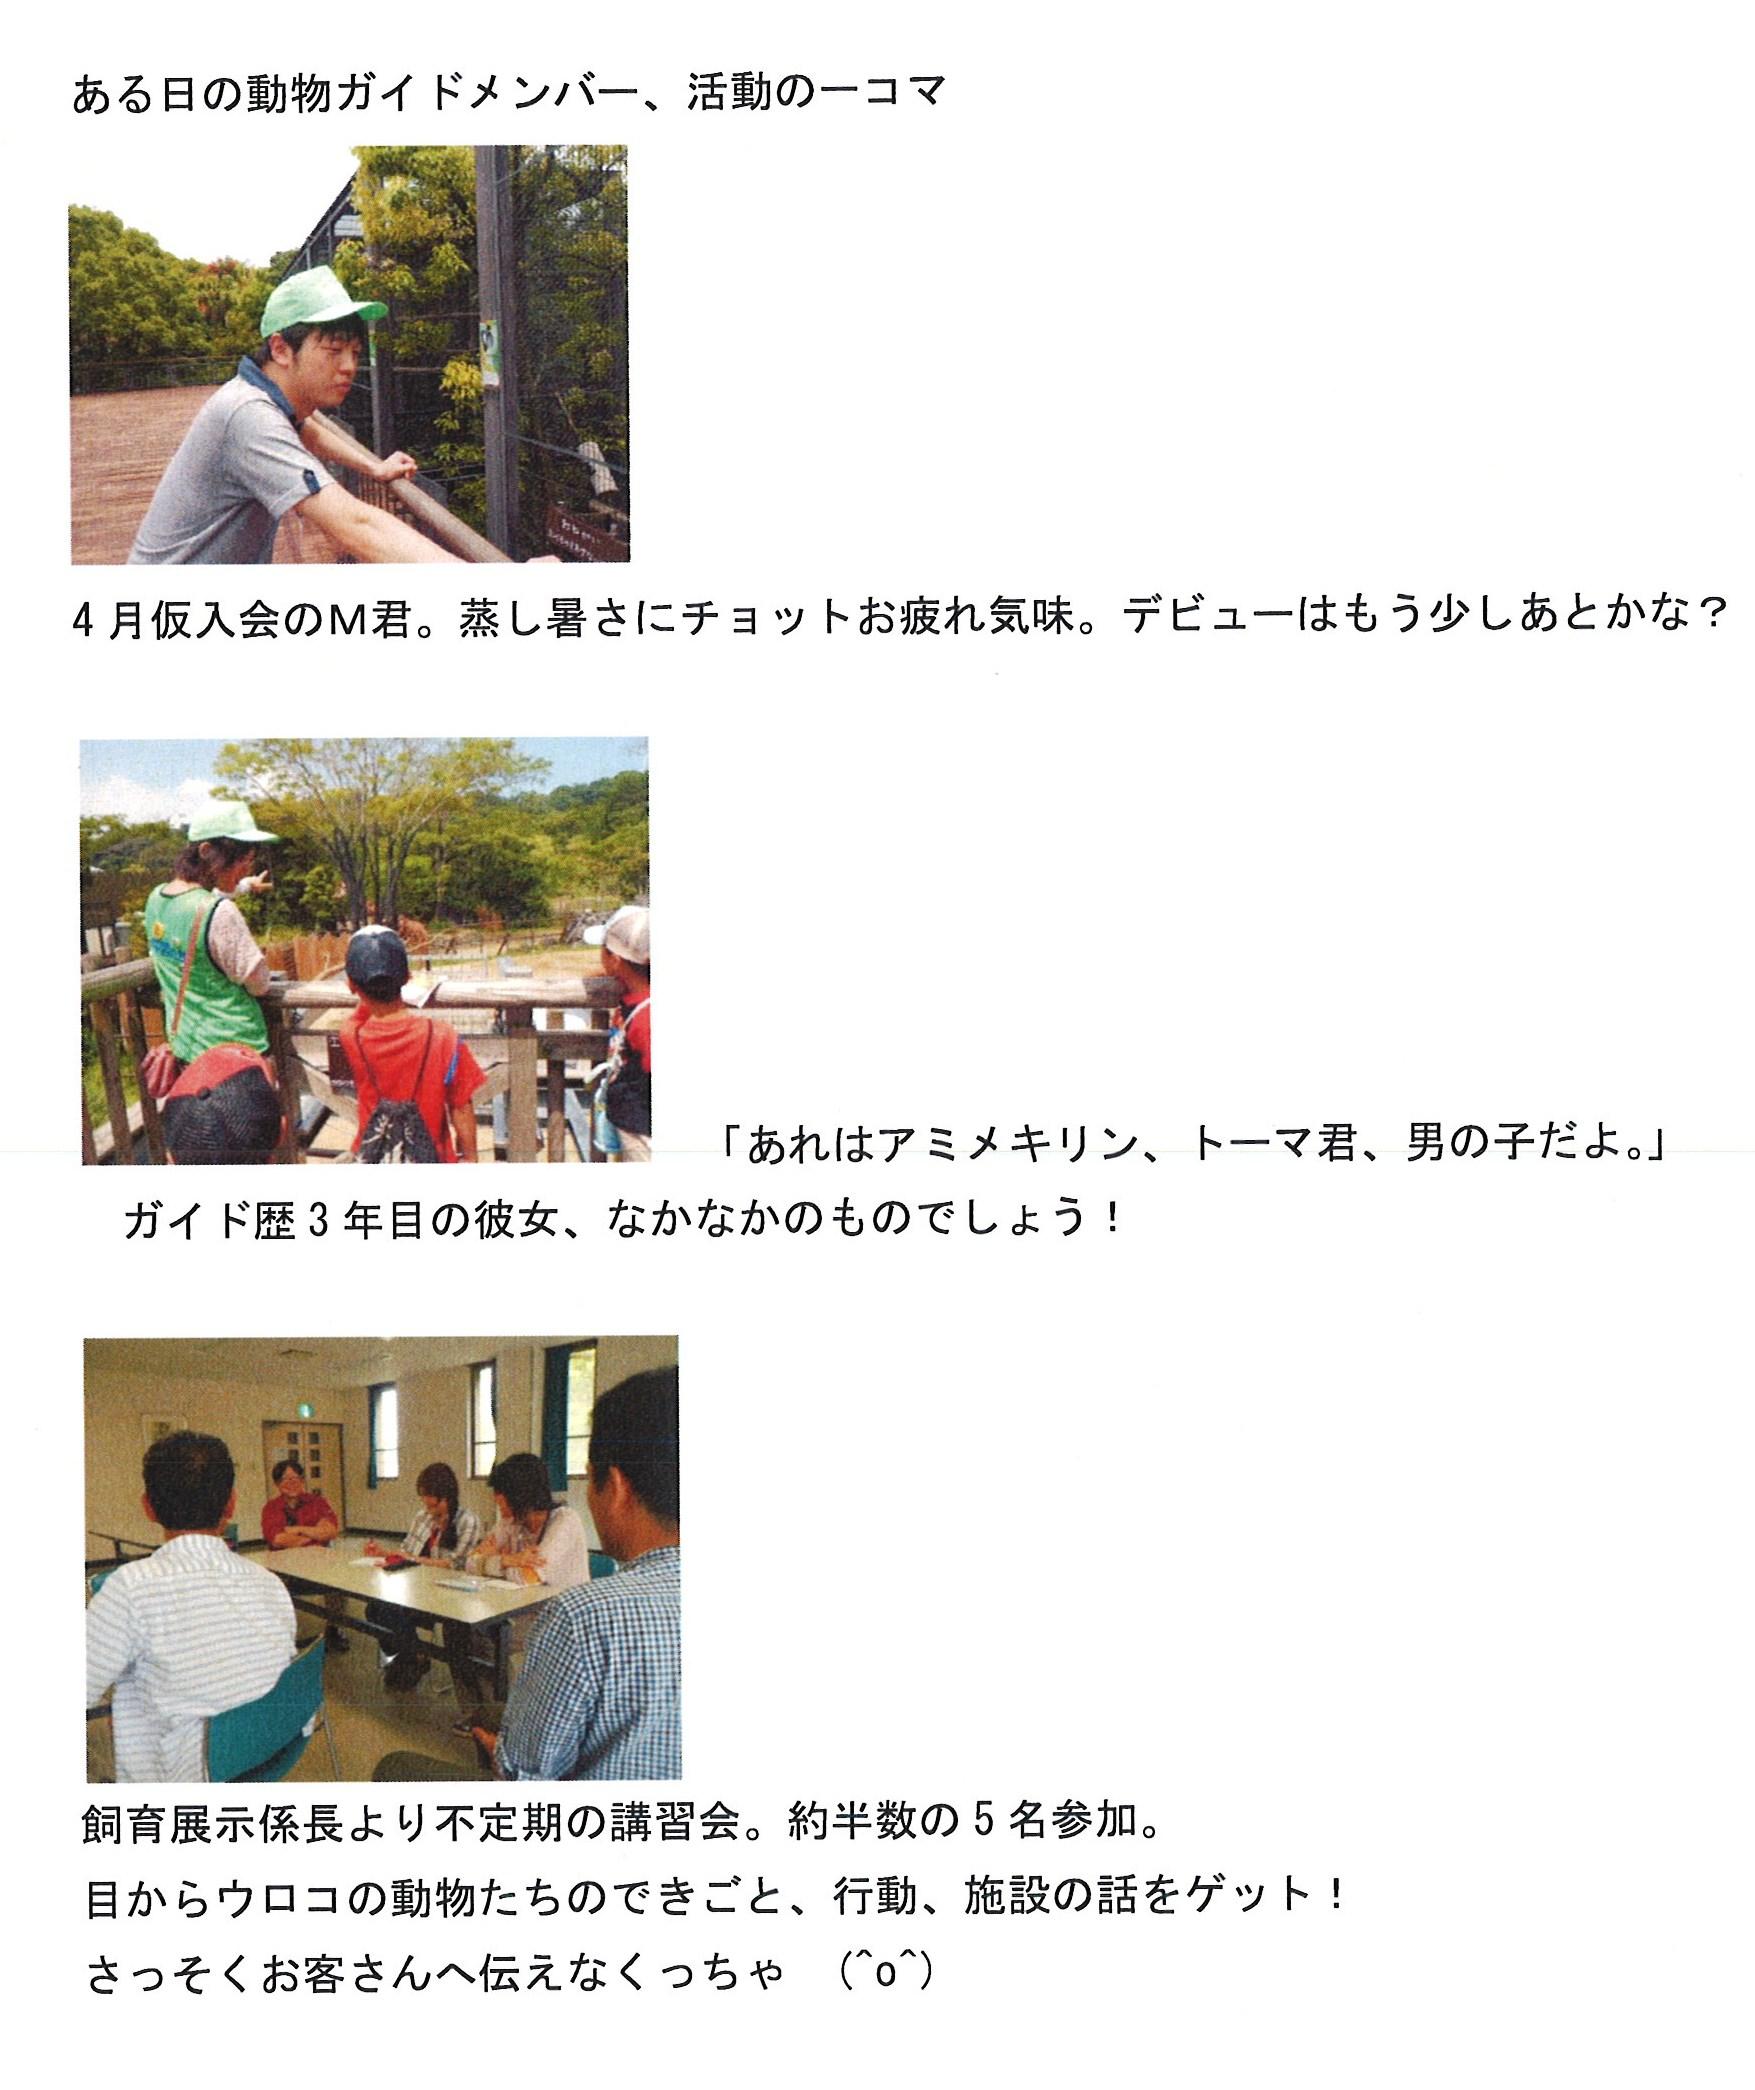 20130701_森の仲間たち.jpg